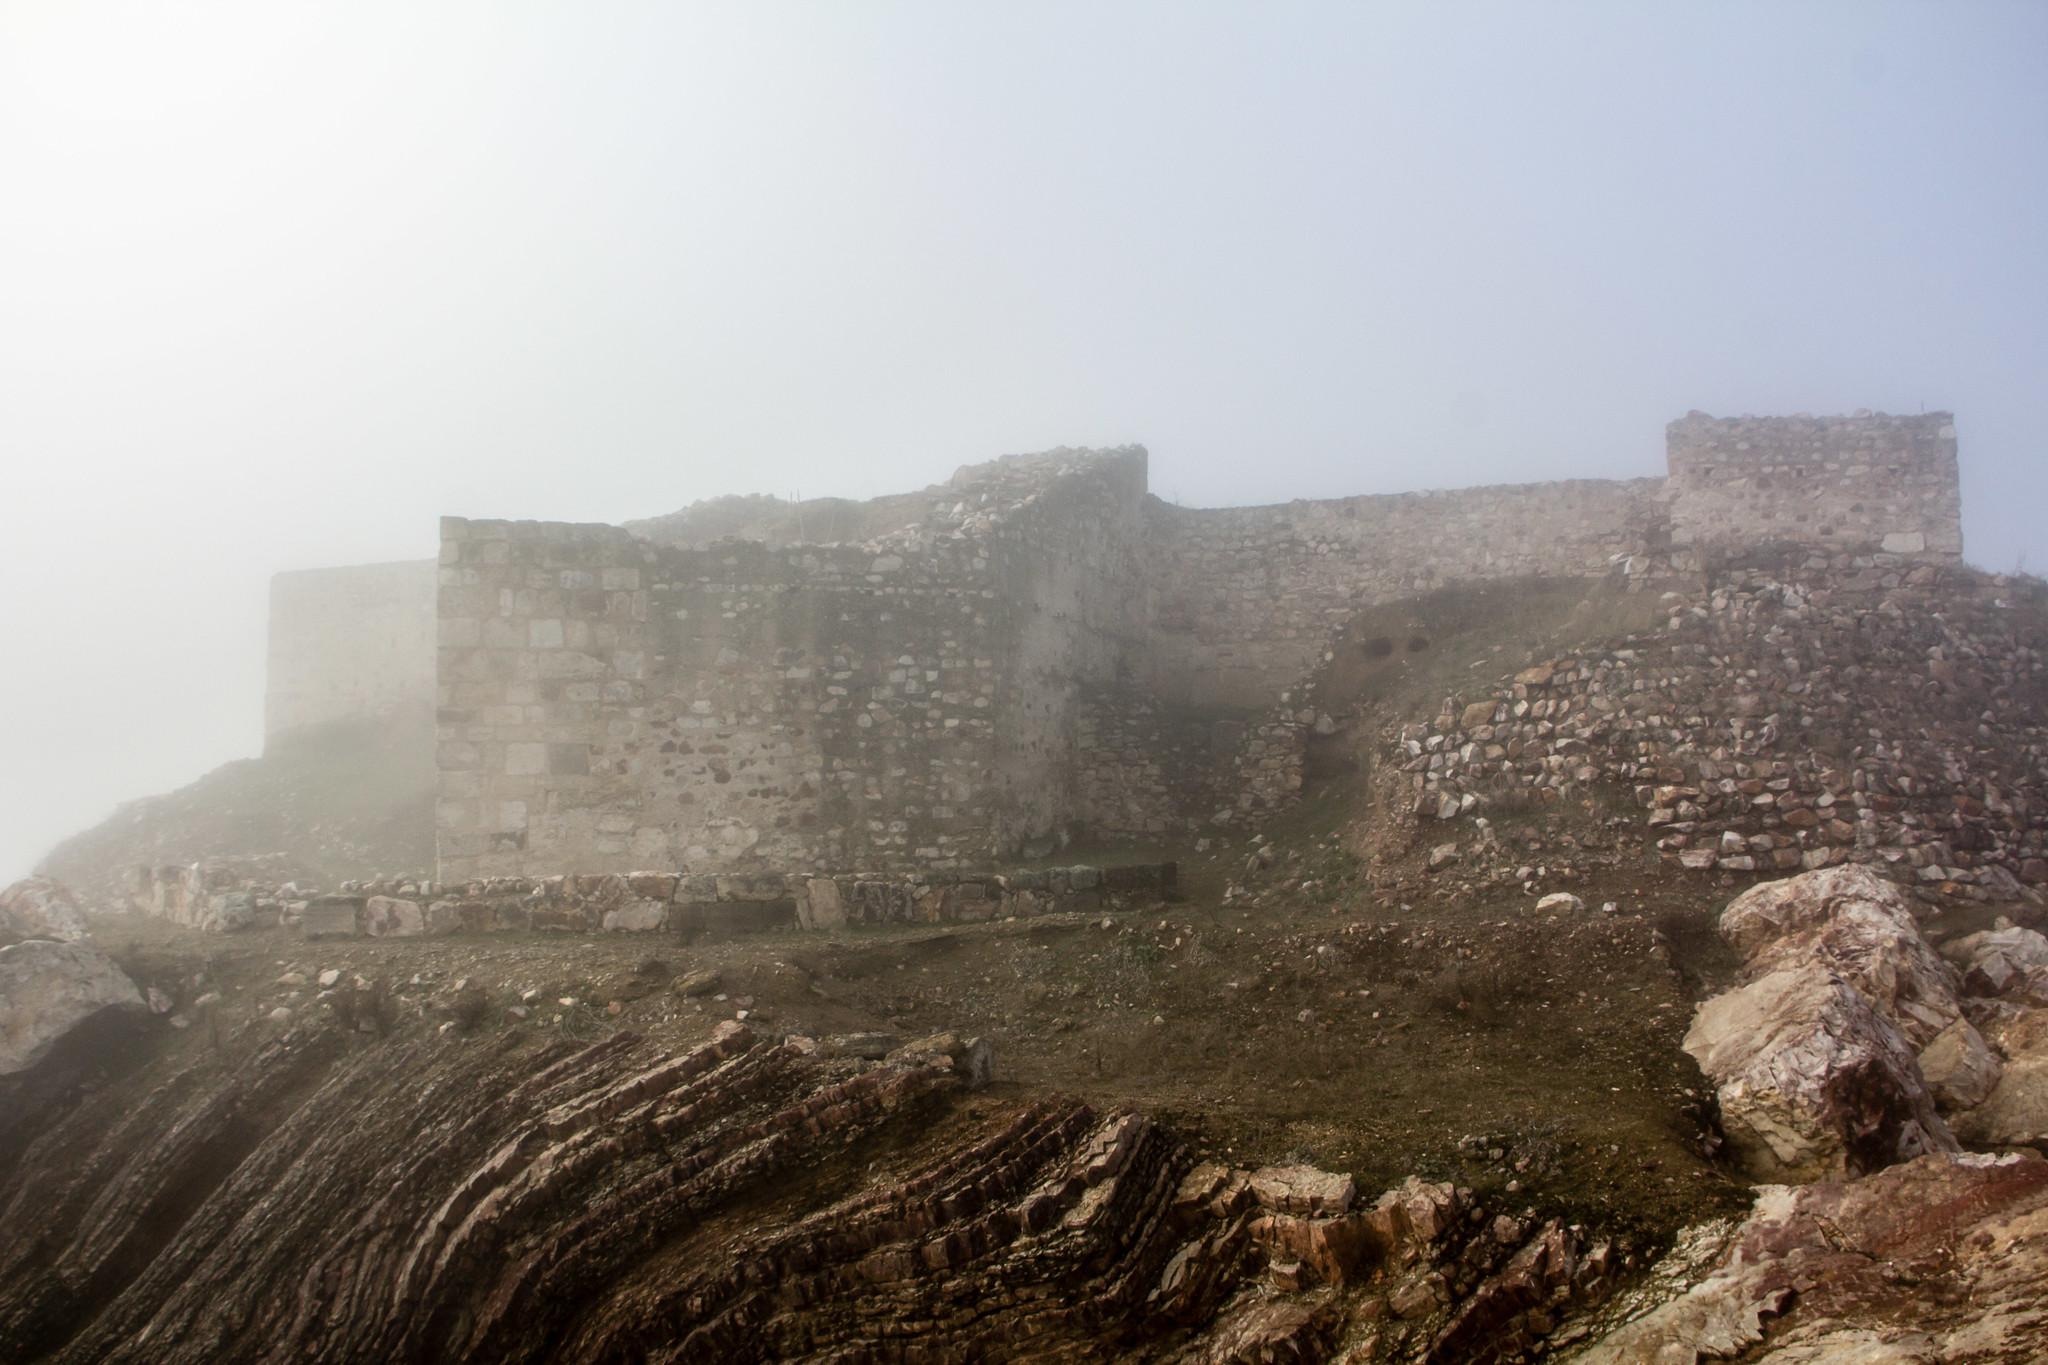 exterior Castillo Yacimiento Arqueologico de Alarcos Ciudad Real